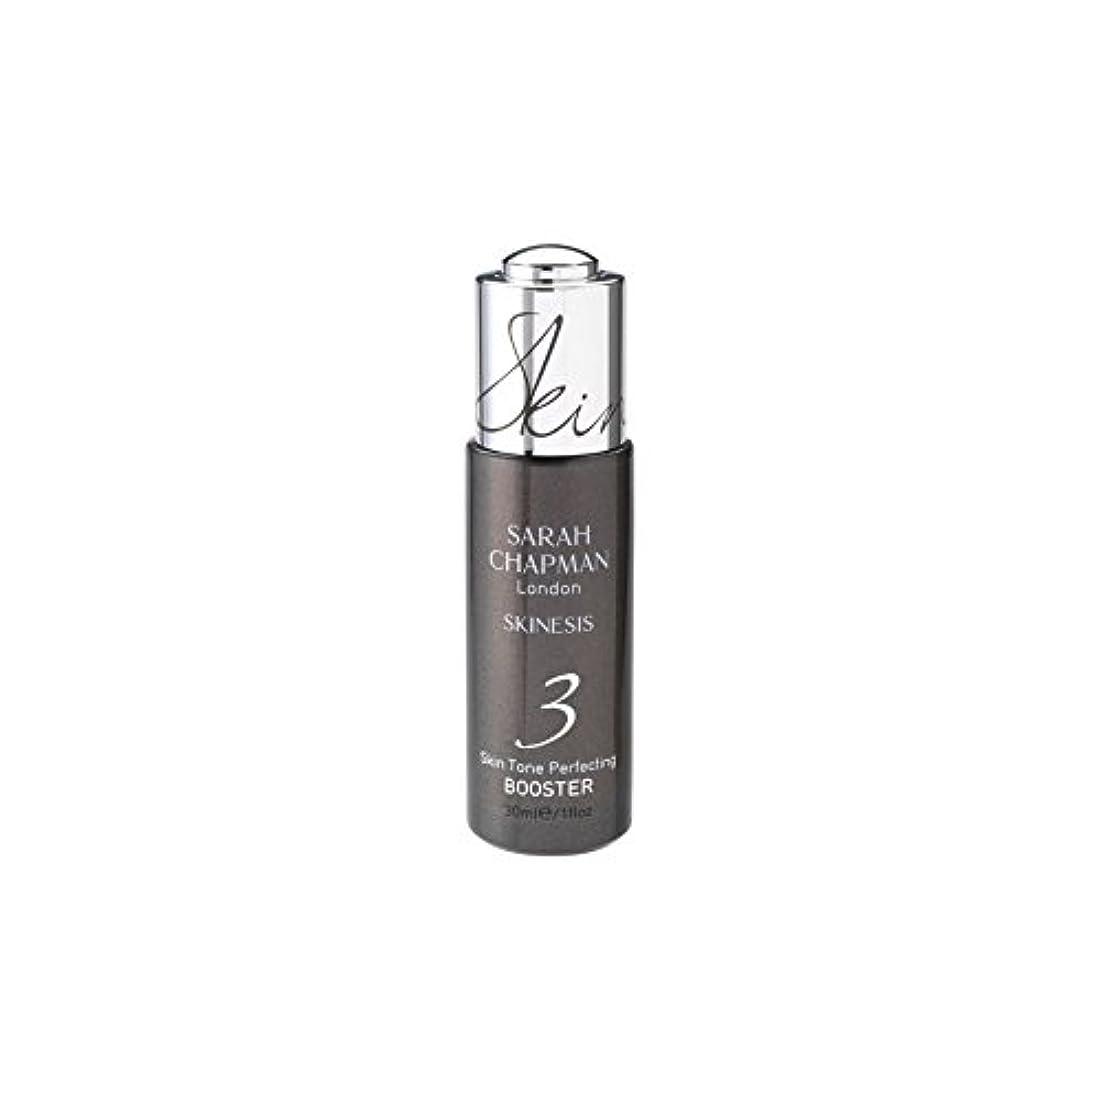 バター運動する立方体Sarah Chapman Skinesis Skin Tone Perfecting Booster (30ml) - サラ?チャップマン肌色完成ブースター(30ミリリットル) [並行輸入品]